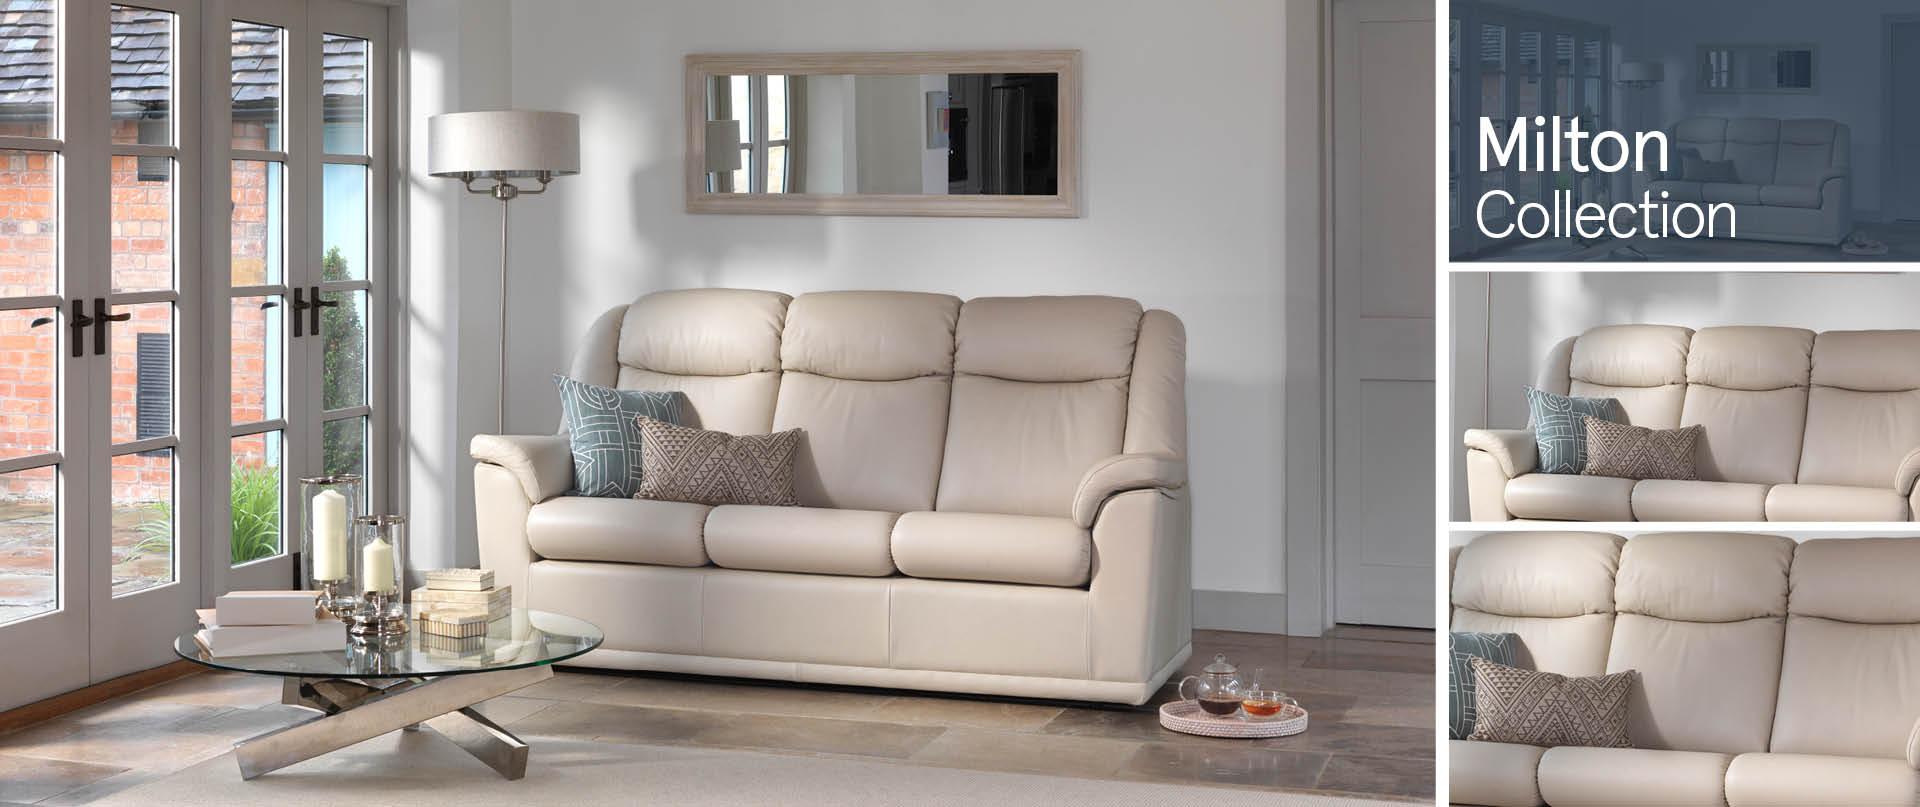 Milton Leather Sofa Ranges